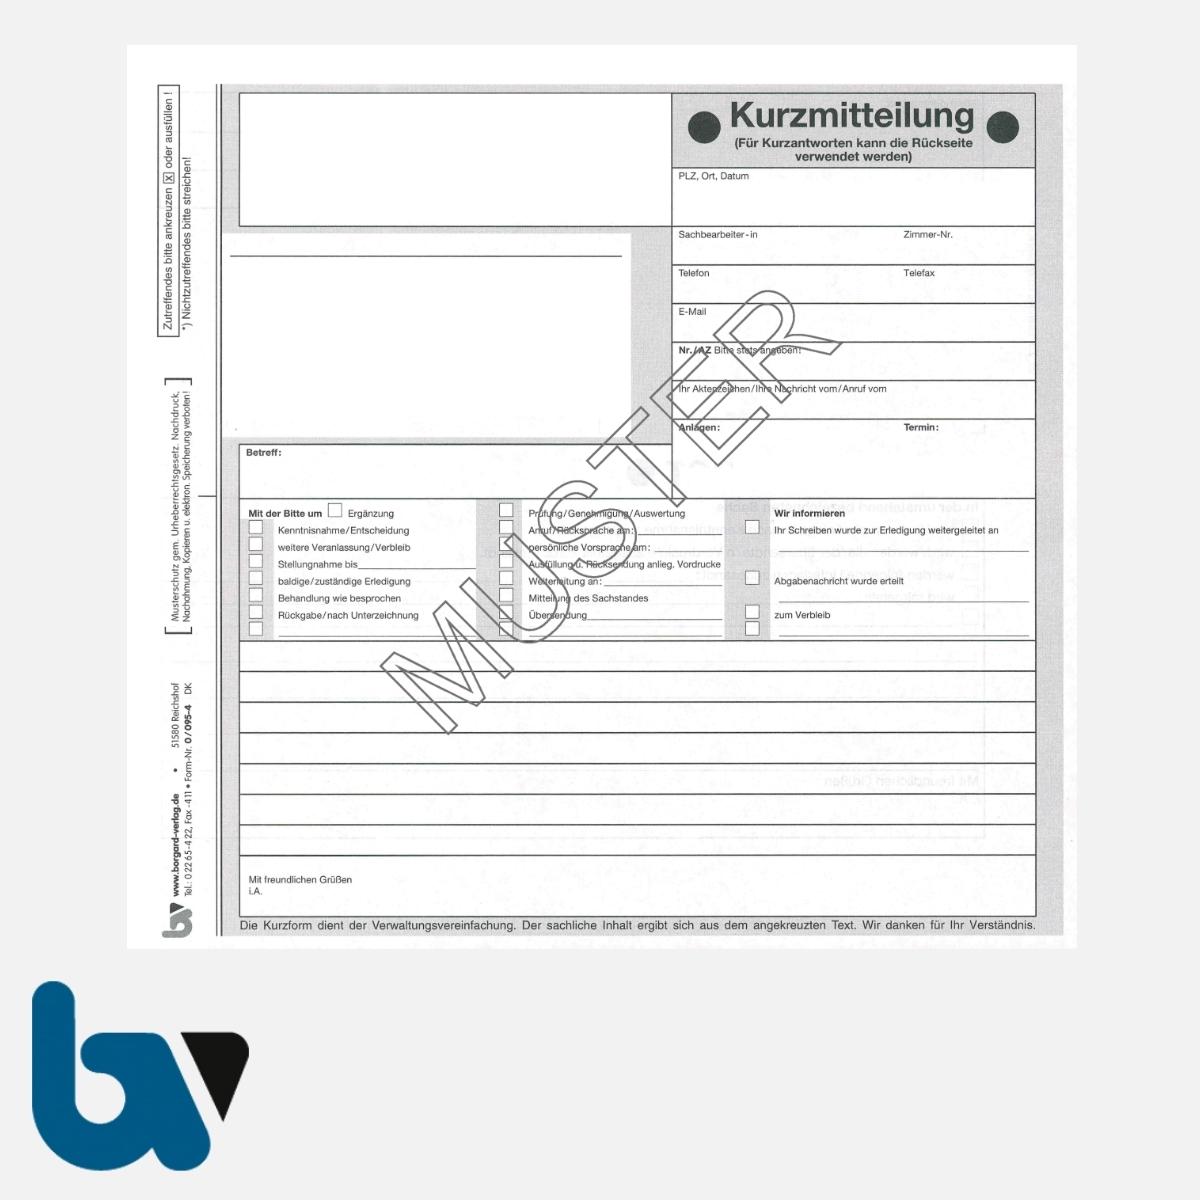 0/095-4 Kurzmitteilung Kurzantwort selbstdurchschreibend Einschlagdeckel DIN 20 21 2-fach Seite 1 | Borgard Verlag GmbH